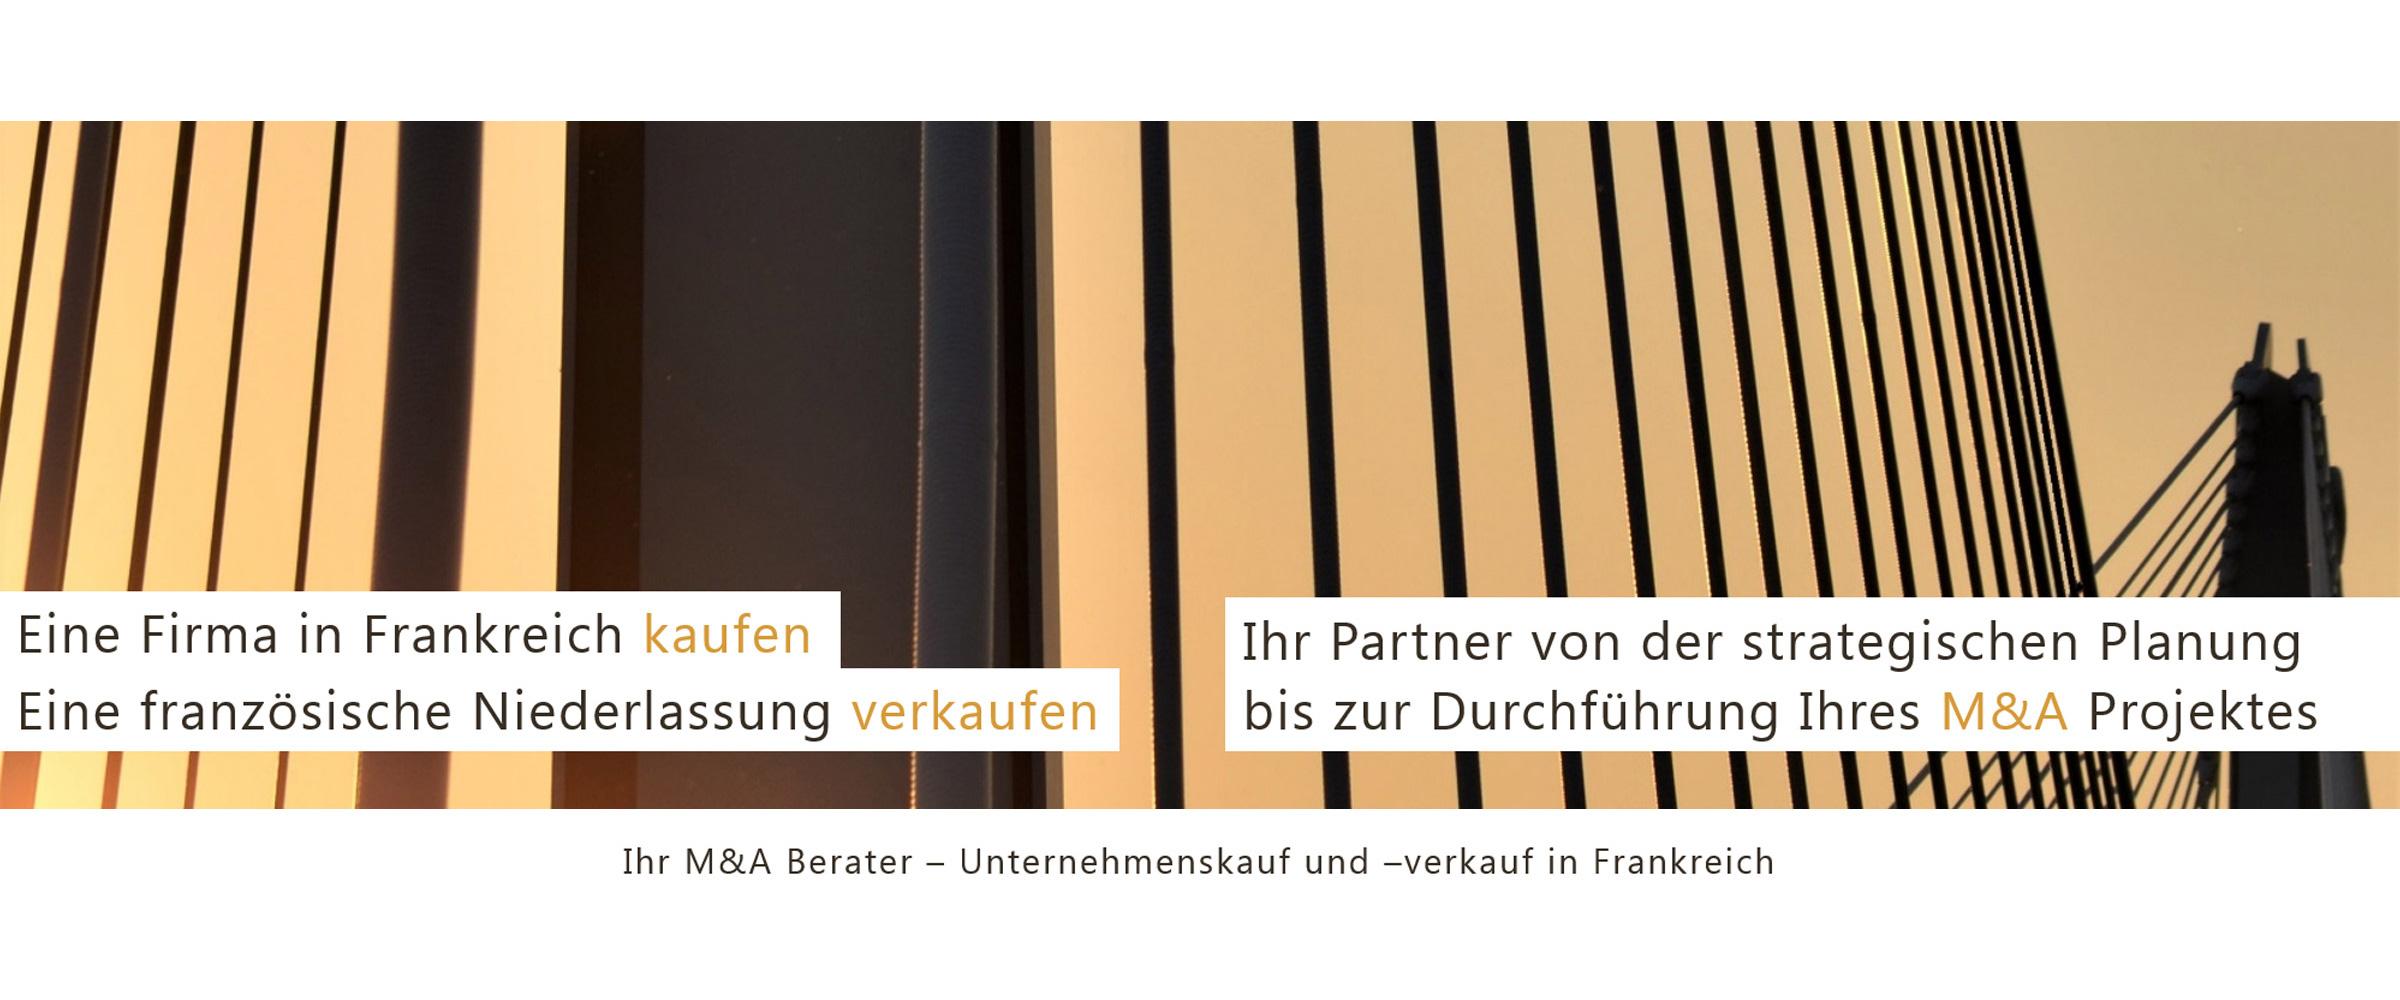 Transversale Conseil - französischer M&A Berater - Unternehmenskauf, Verkauf, Finanzierung